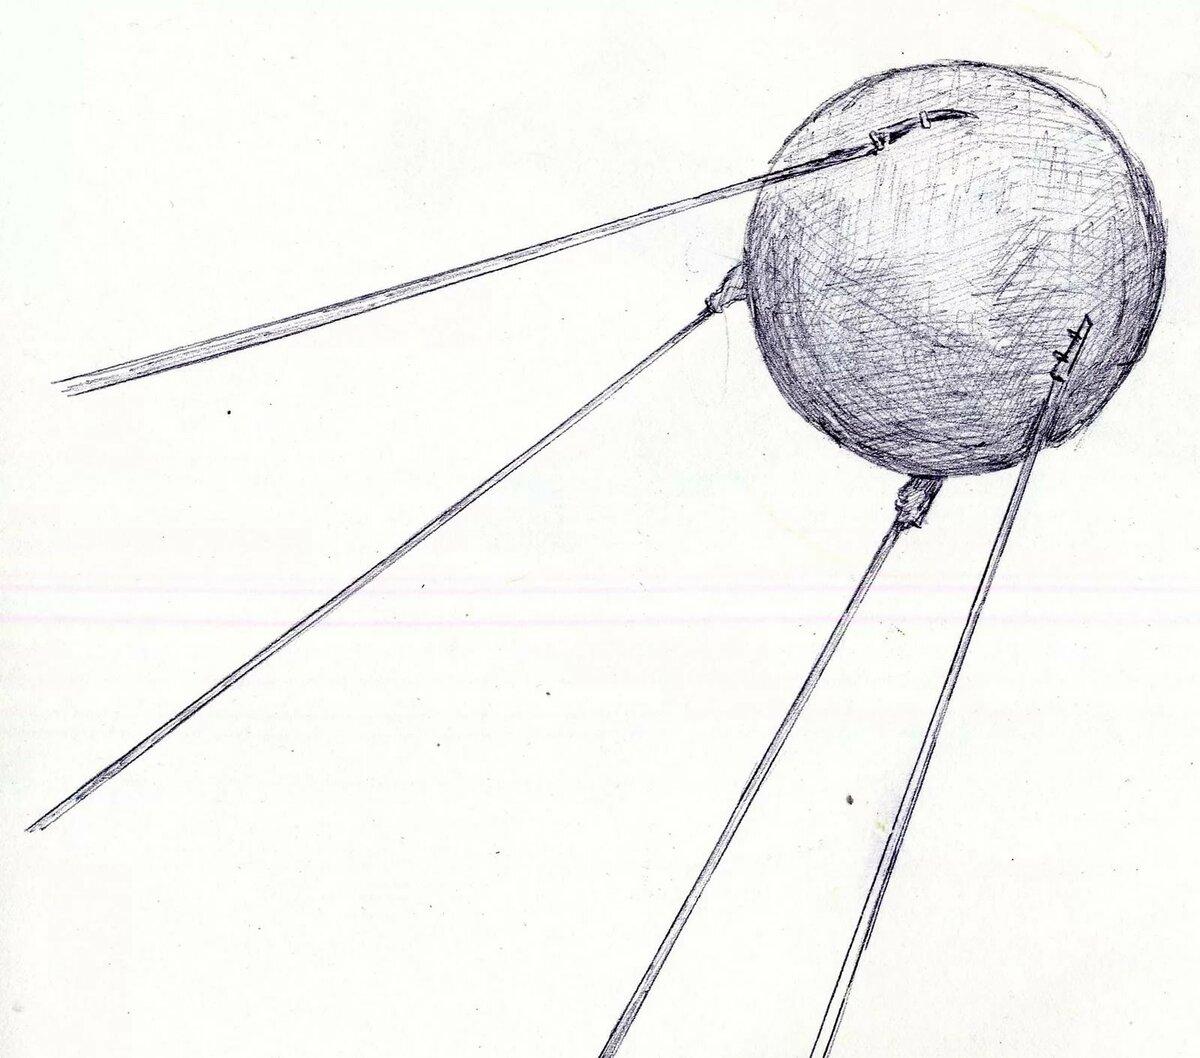 спутник картинка рисунок изделия